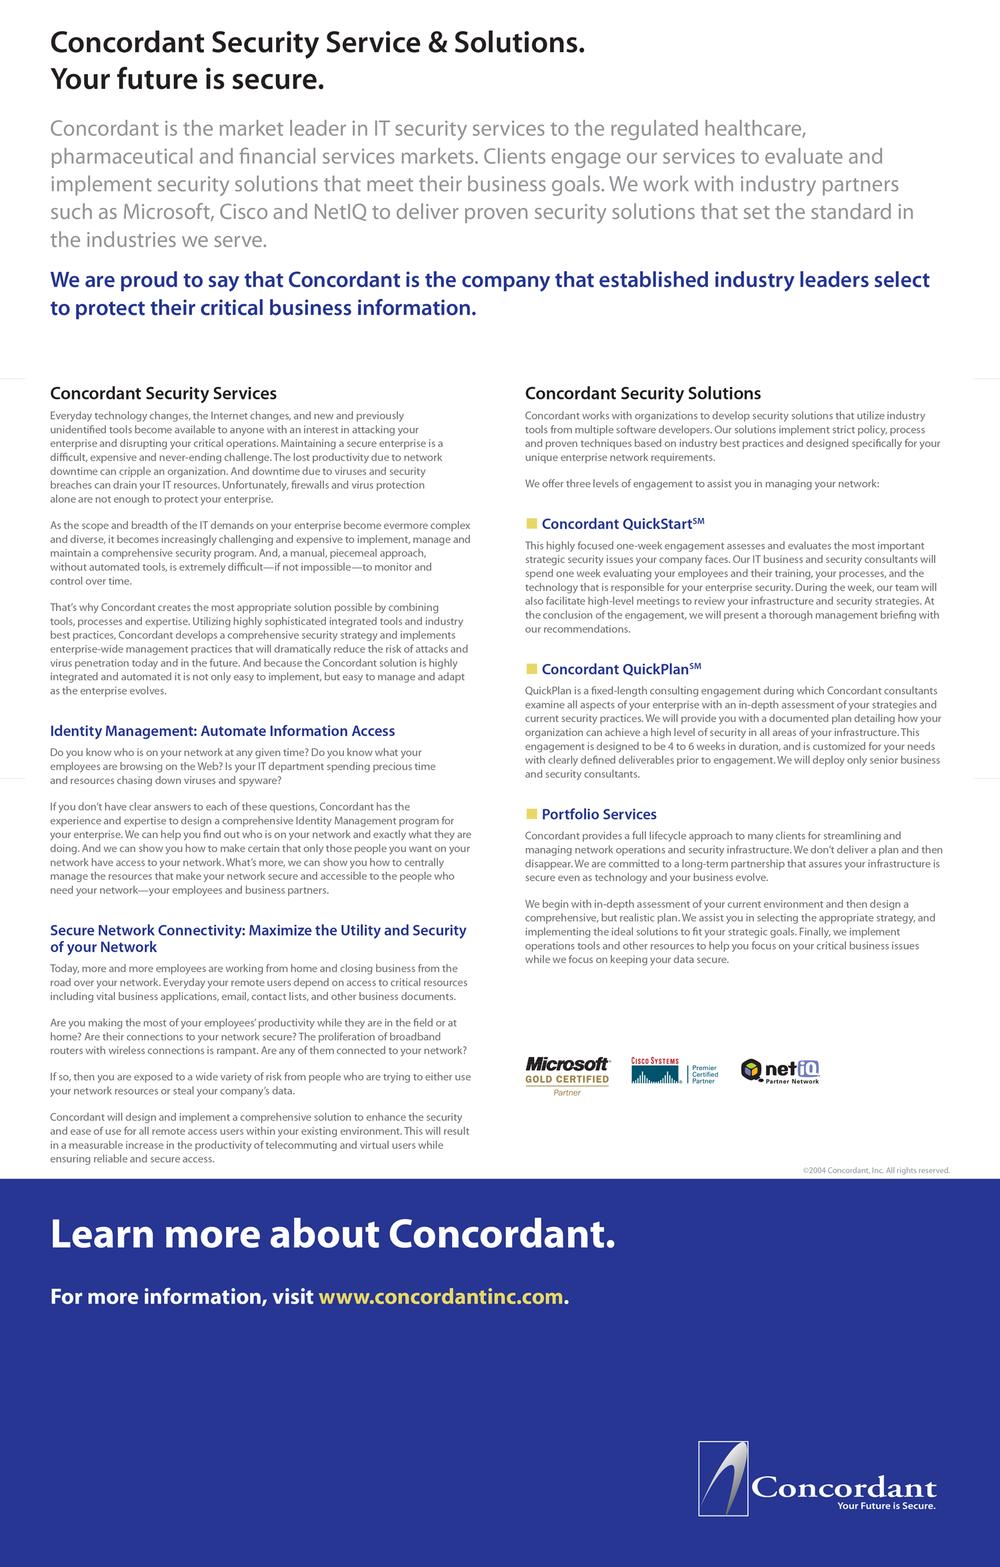 ConcordantBroch_Solutions01.png